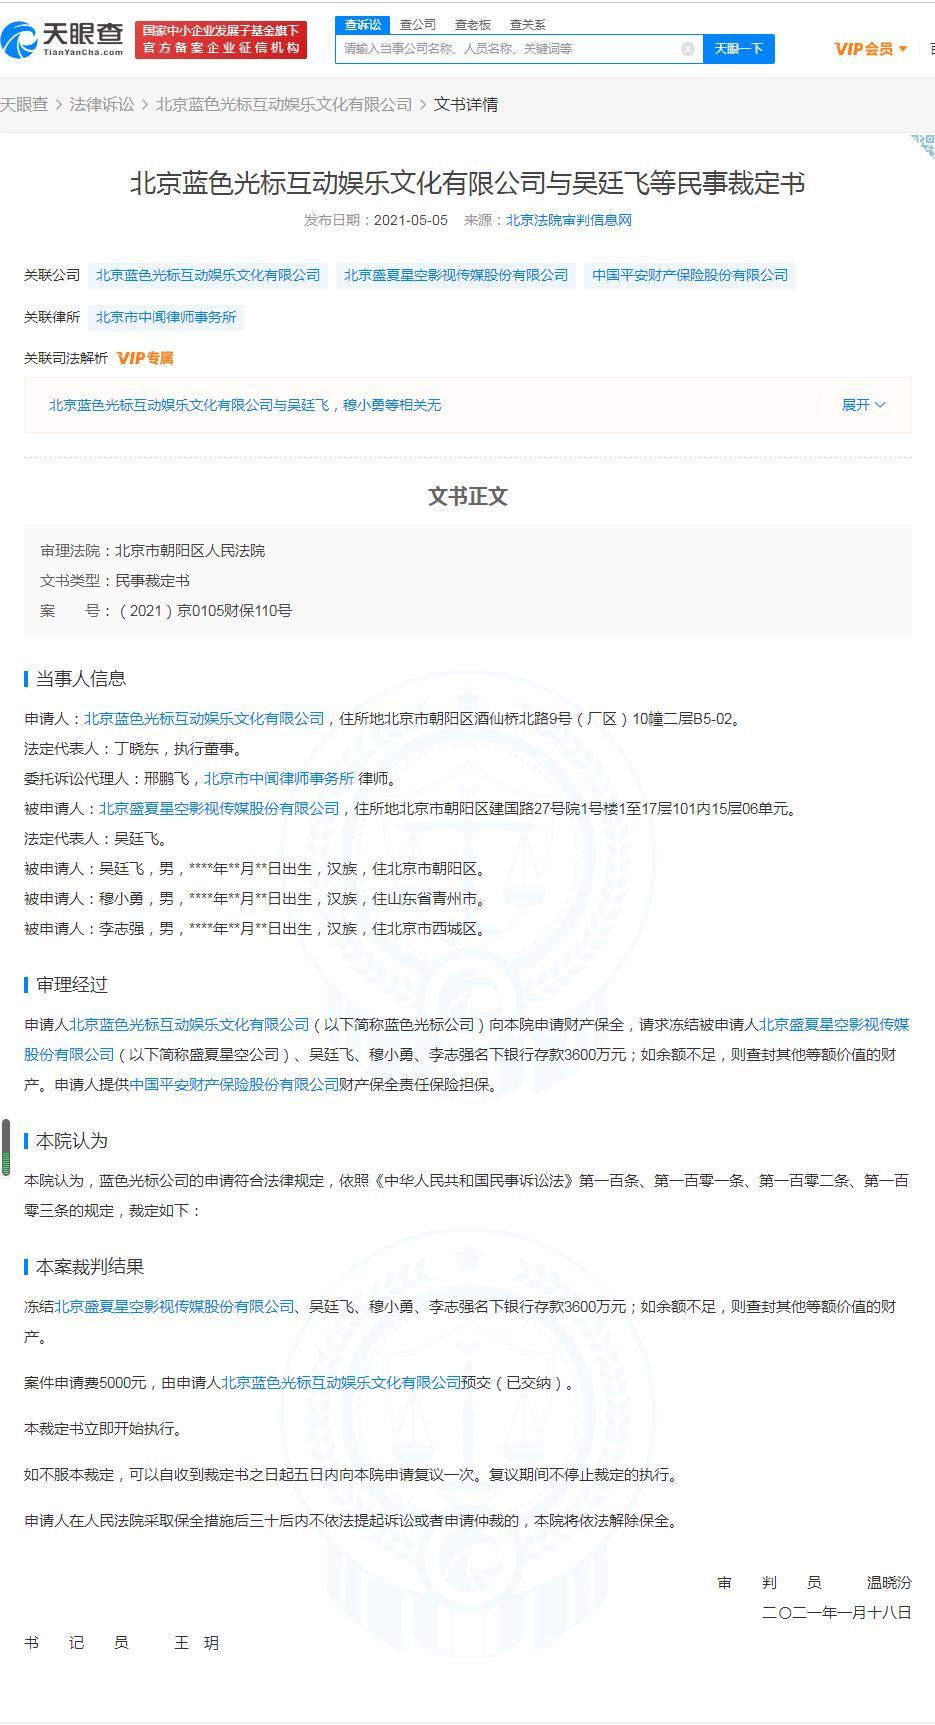 盛夏星空传媒被冻结3600万元 旗下艺人有马天宇、胡静、田亮等